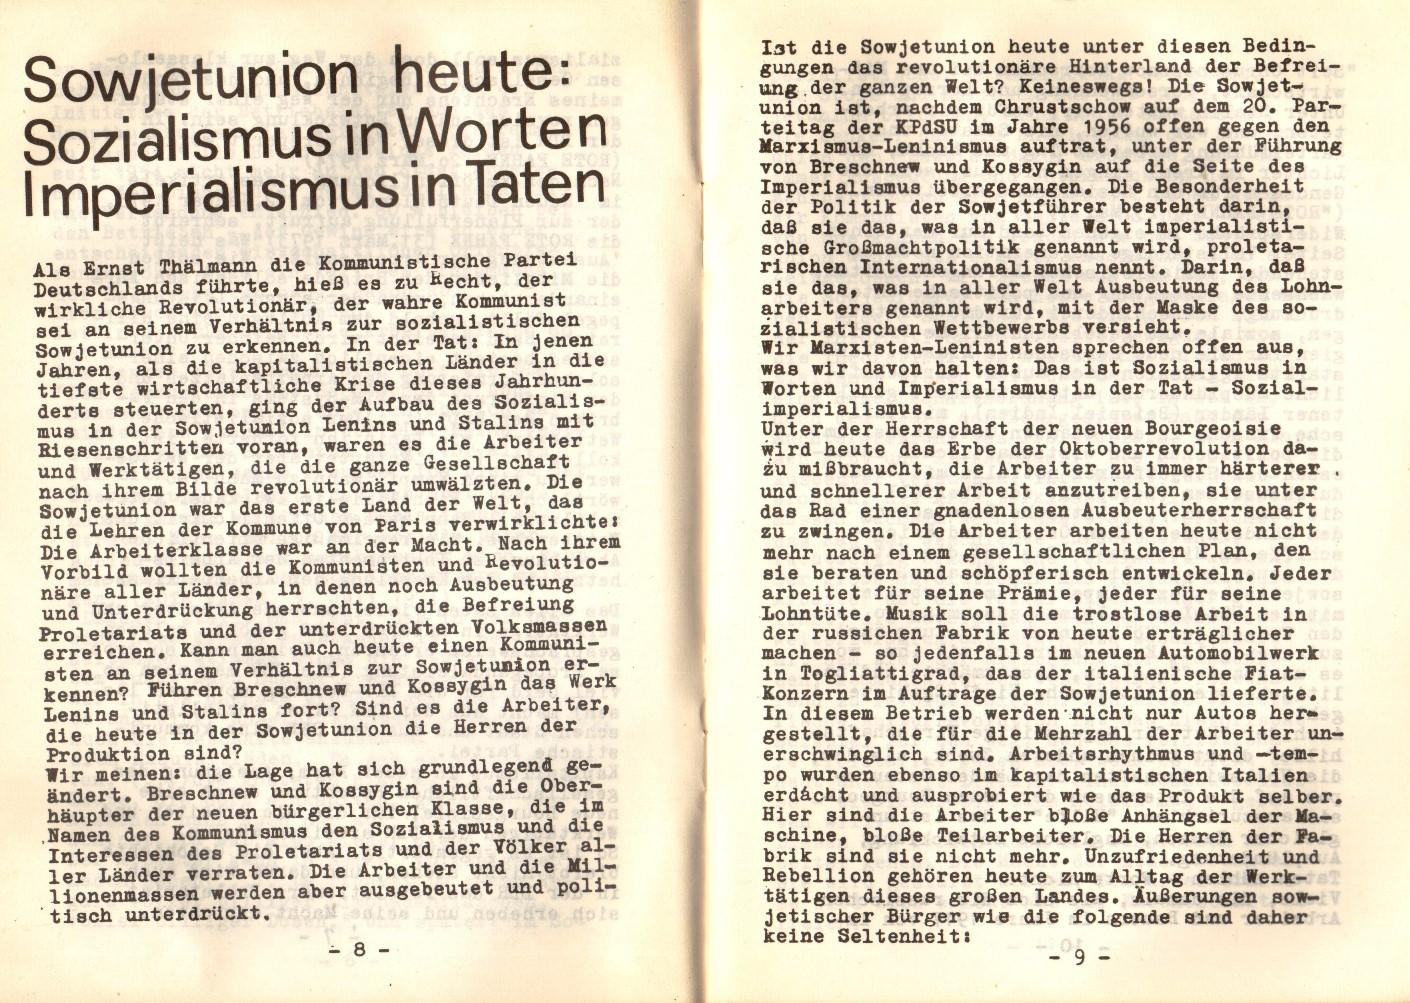 Duesseldorf_KPD_1974_Deine_Zeitung_06